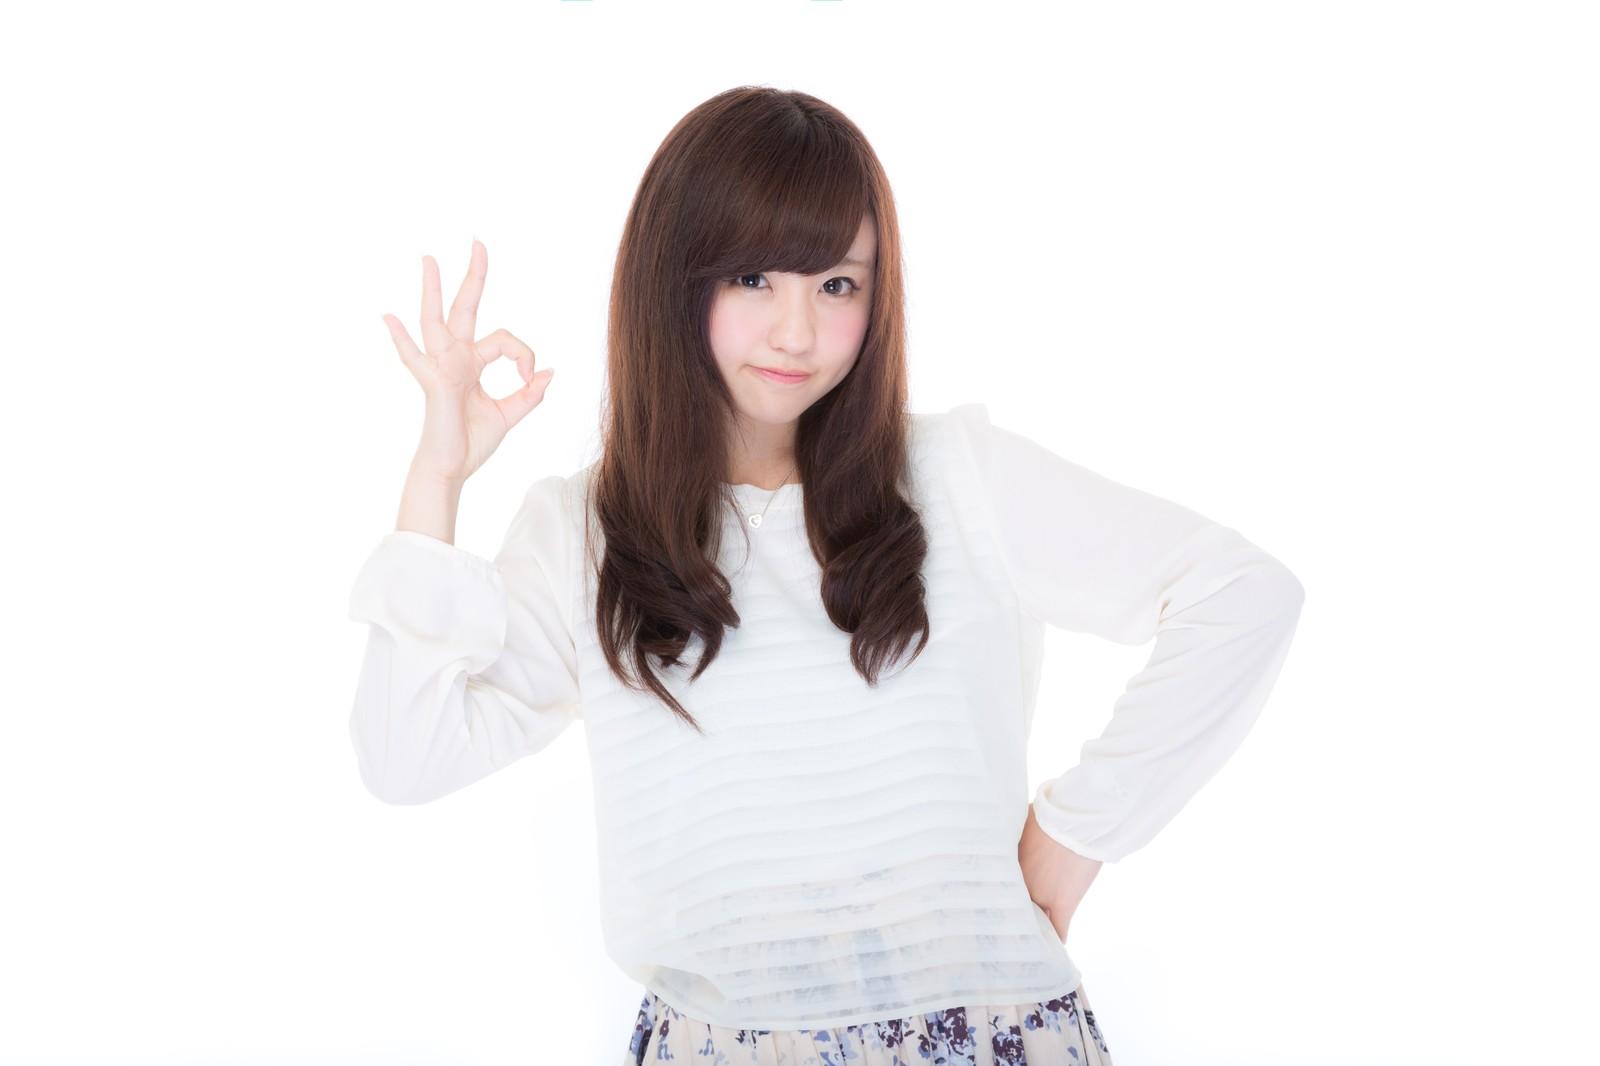 YUKA863_ok15185909_TP_V